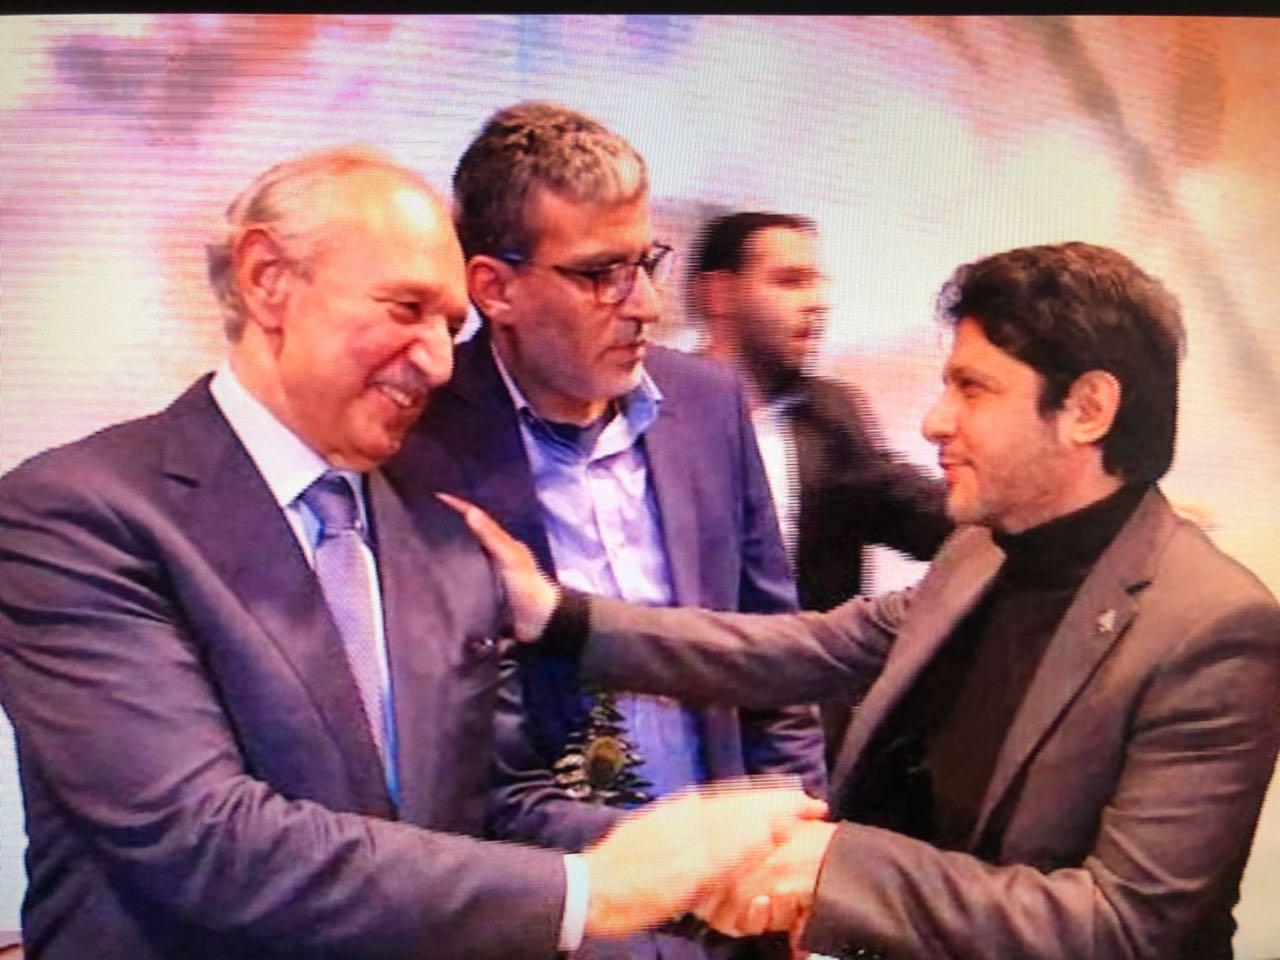 صورة طرابلس لبنان تكرم الراحل نزار قباني بمركز الصفدي الثقافي